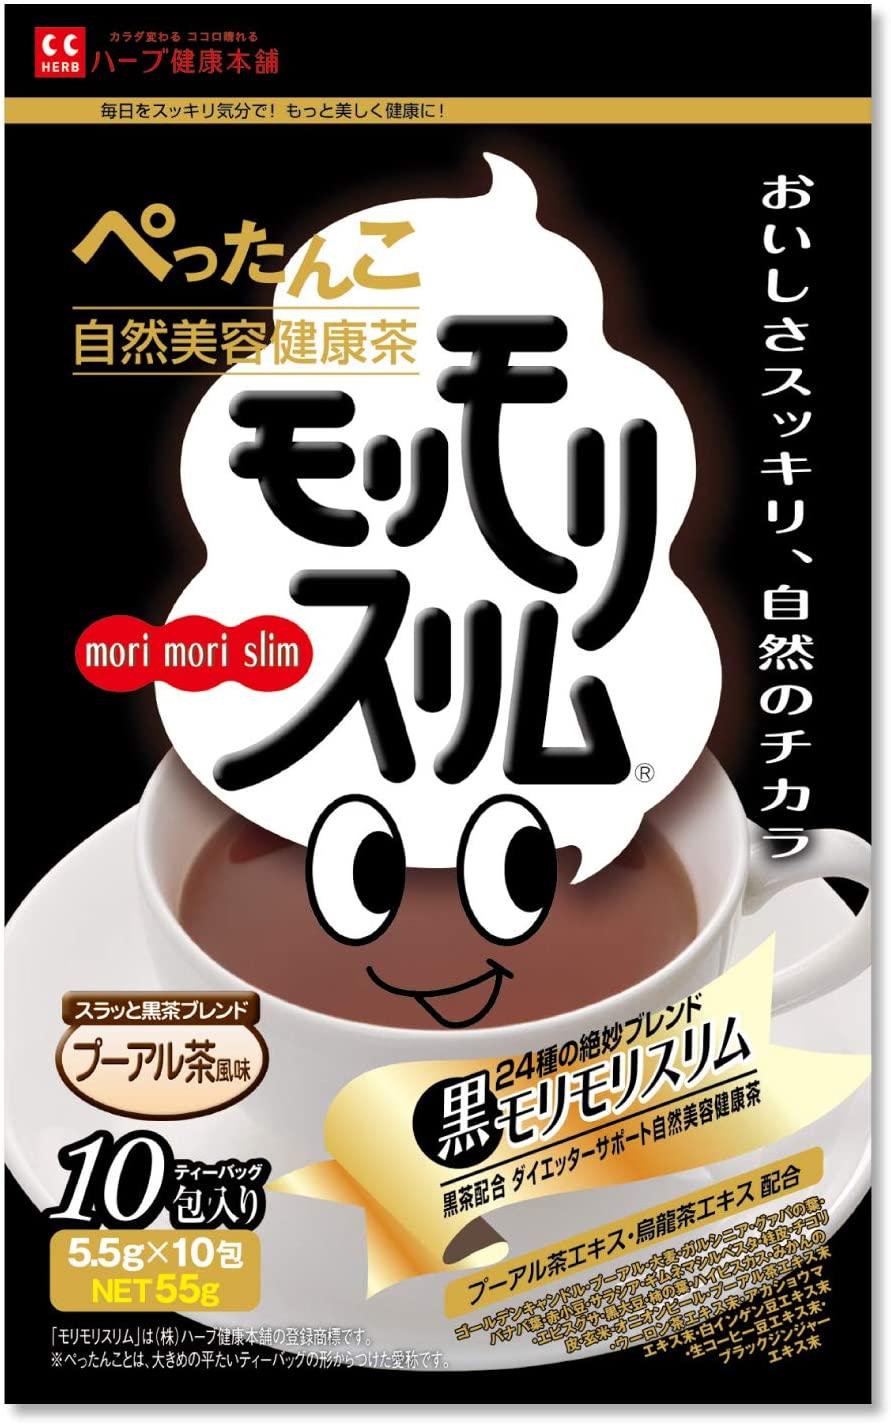 健康食品 サプリメント 格安 モリモリスリム 激安通販ショッピング ダイエットサプリ 黒モリモリスリム茶 5.5gx10包 割引不可品 ハーブ健康本舗